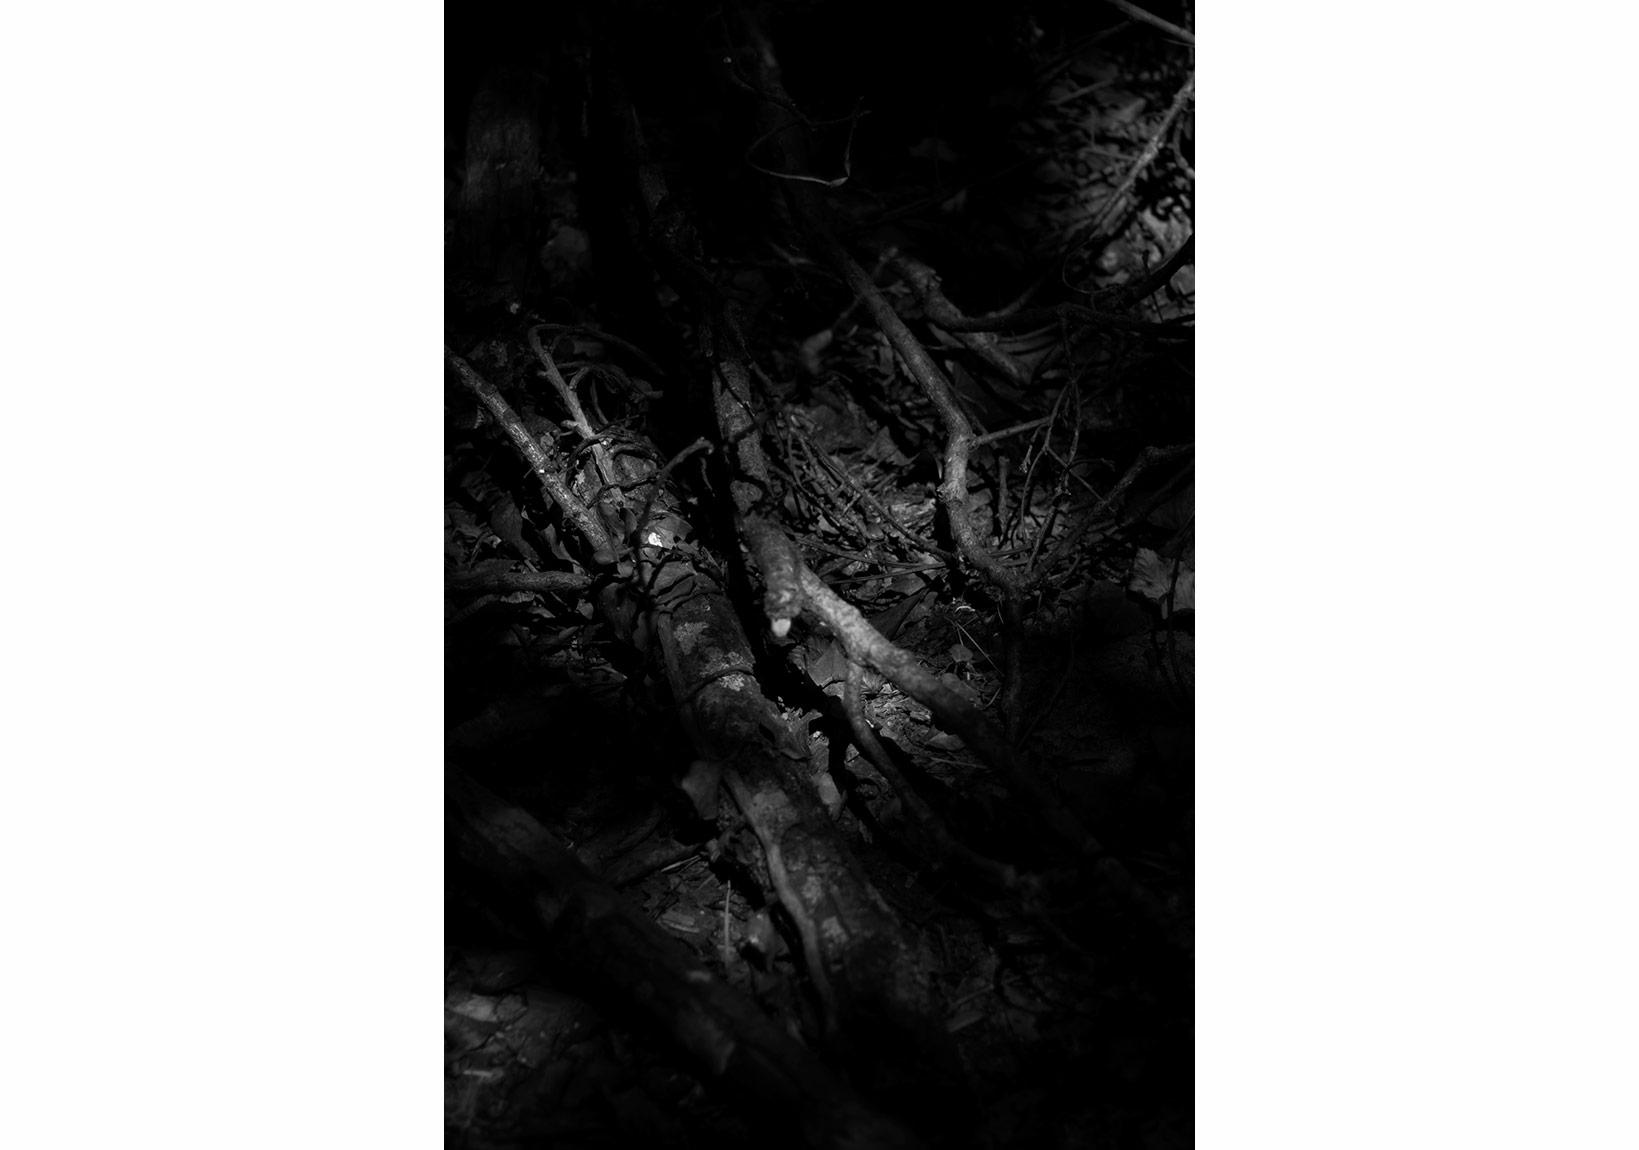 Aslı Narin, Rüzgarı Düşün/Think of the Wind(1), 2015, Diasec baskı/print, 40x27cm